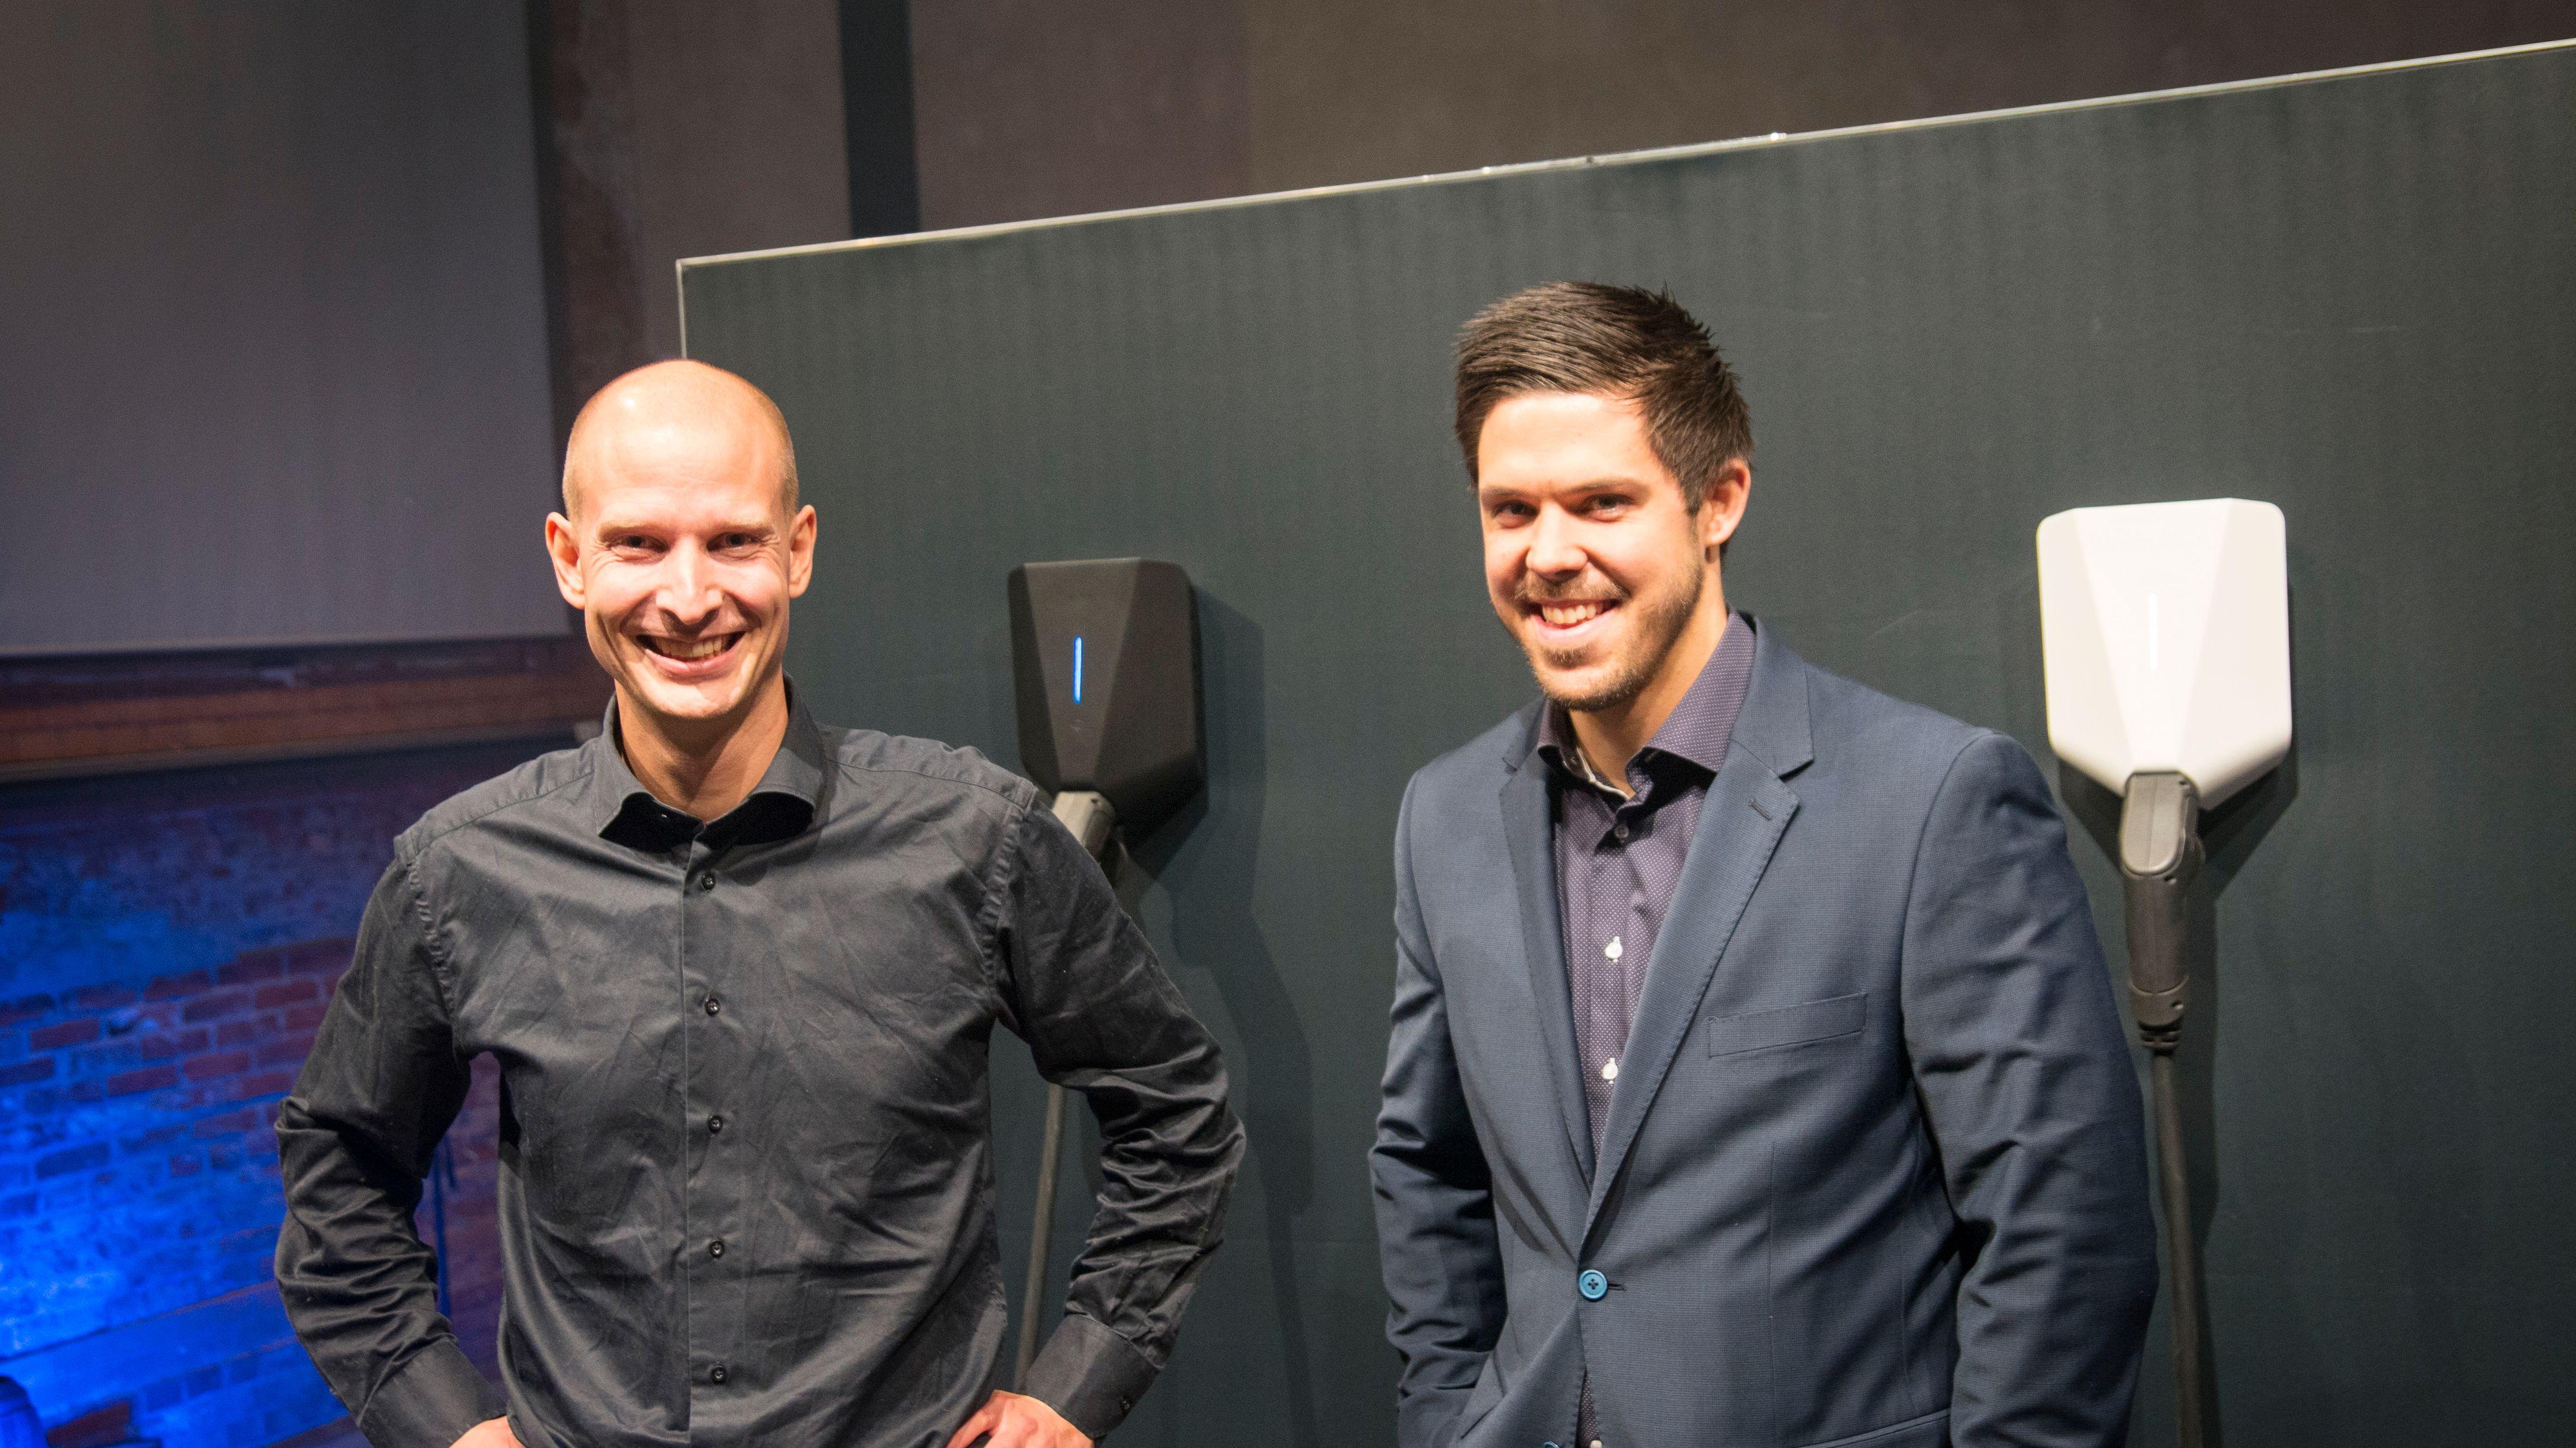 Tibber-sjef Edgeir Vårdal Aksnes (t.v.) og Jonas Helmikstøl fra Easee foran lanseringsarrangementet tirsdag kveld, hvor blant andre Tesla og BMW er med.